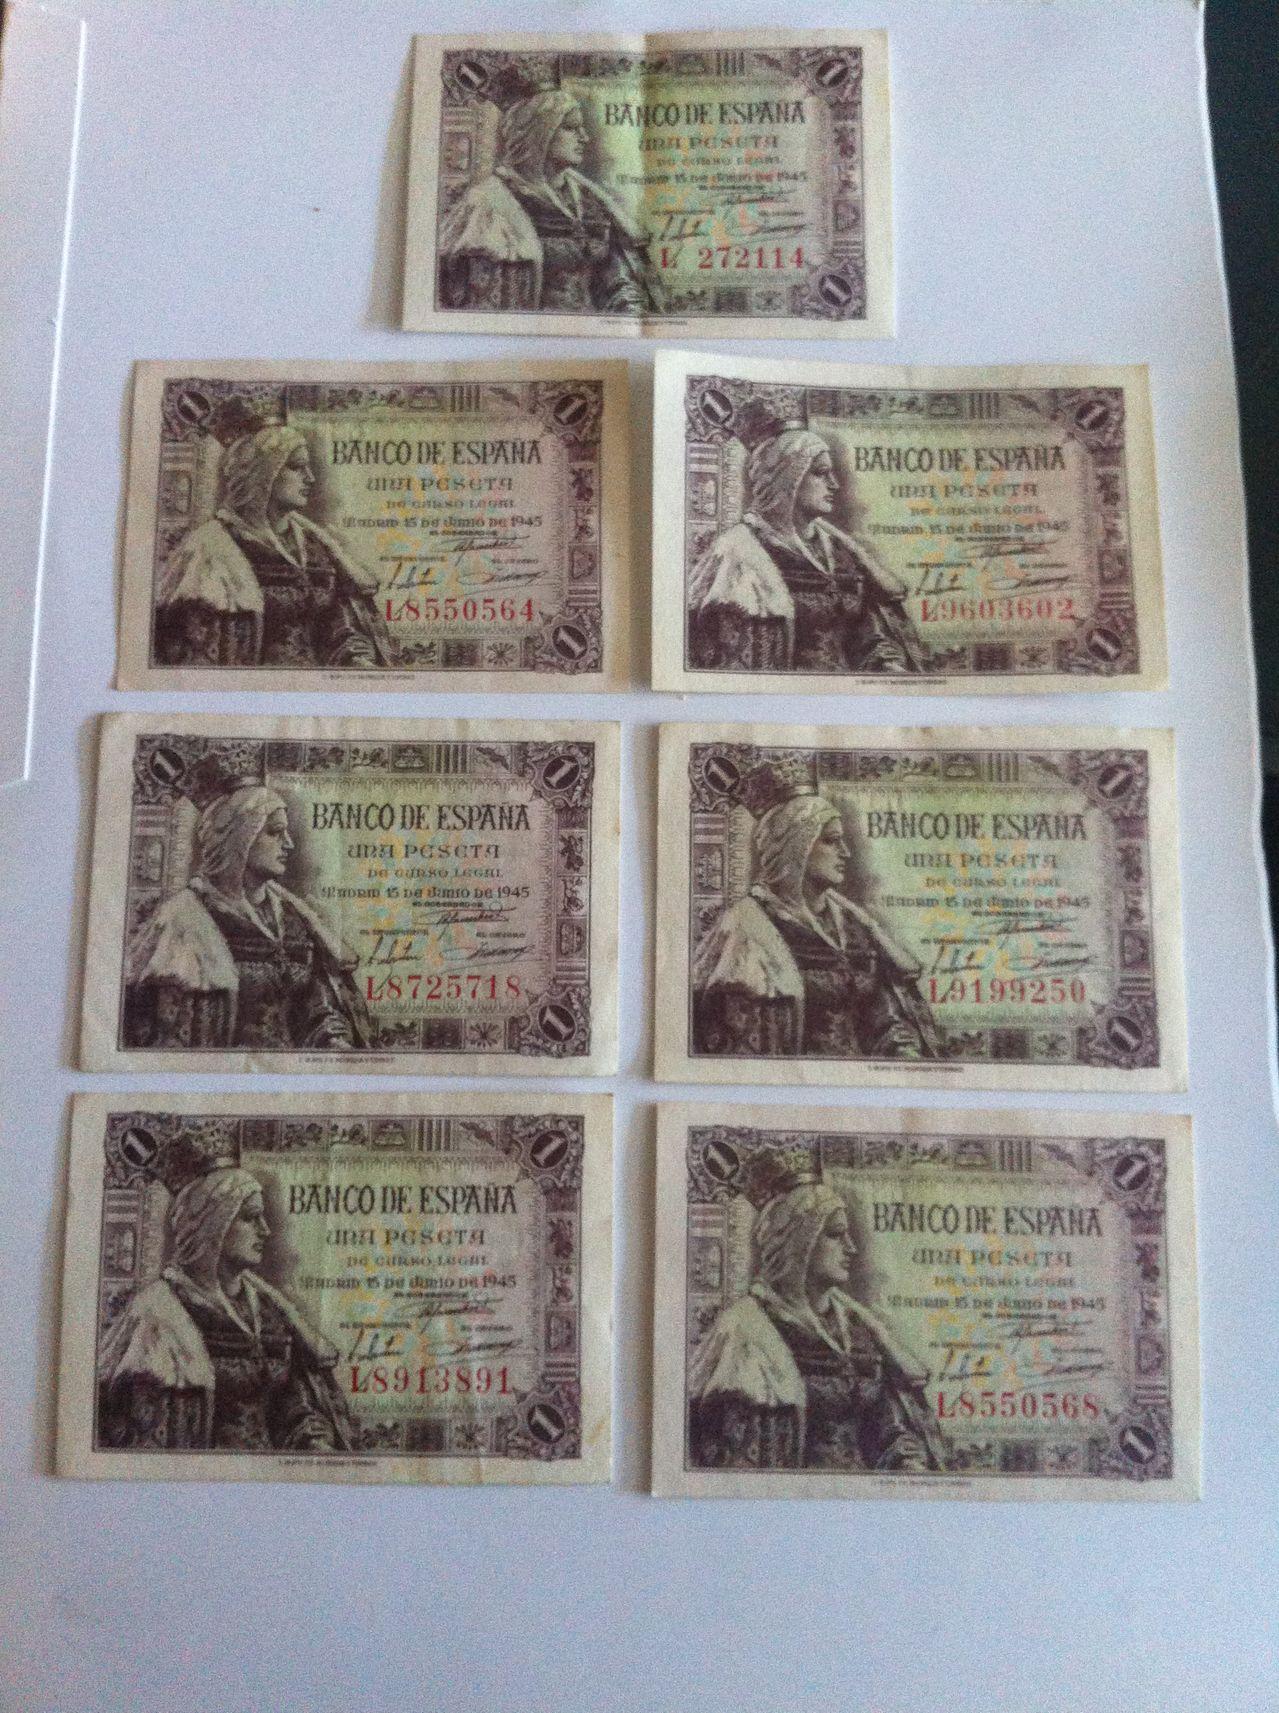 Ayuda para valorar coleccion de billetes IMG_4950